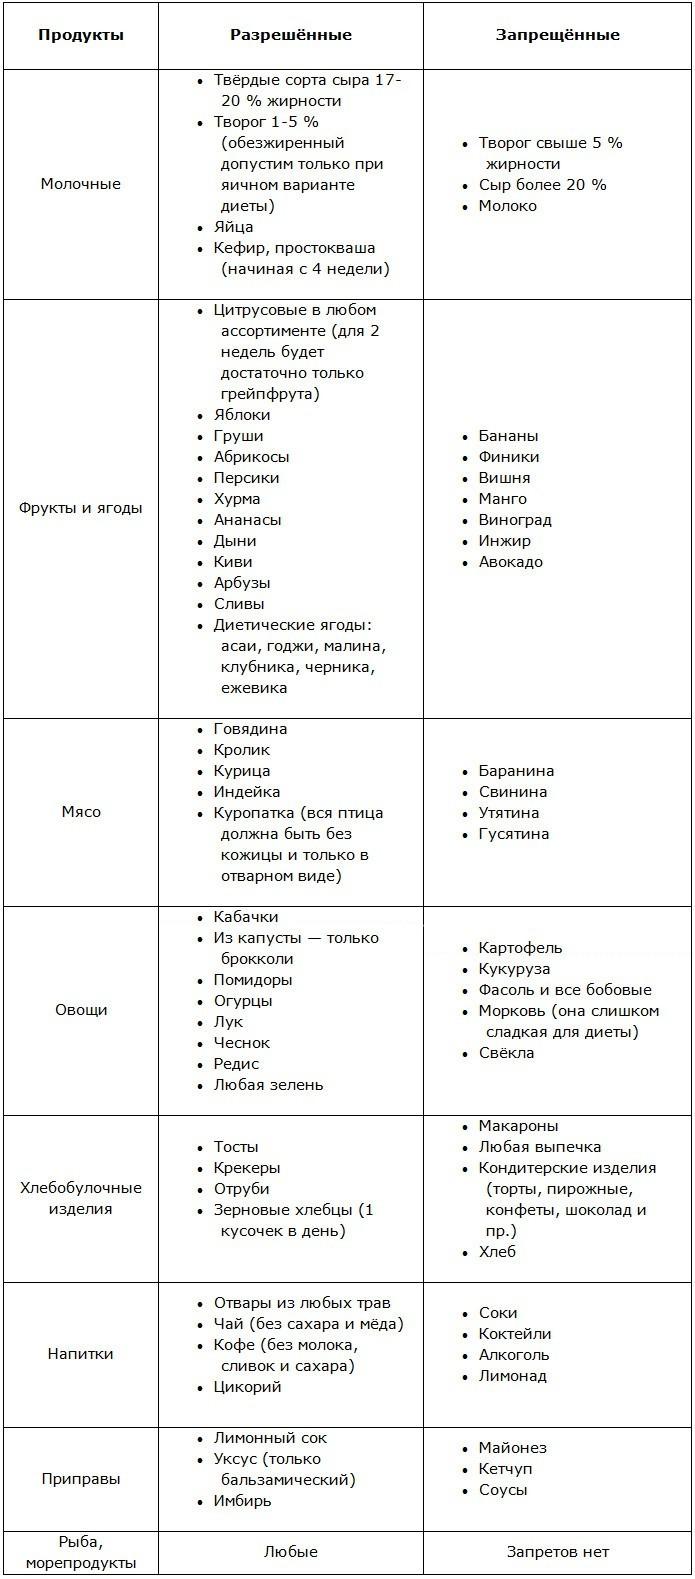 Магги Диета Для Похудения Меню На. Диета Магги: меню на 4 недели и на каждый день, таблица, отзывы и результаты